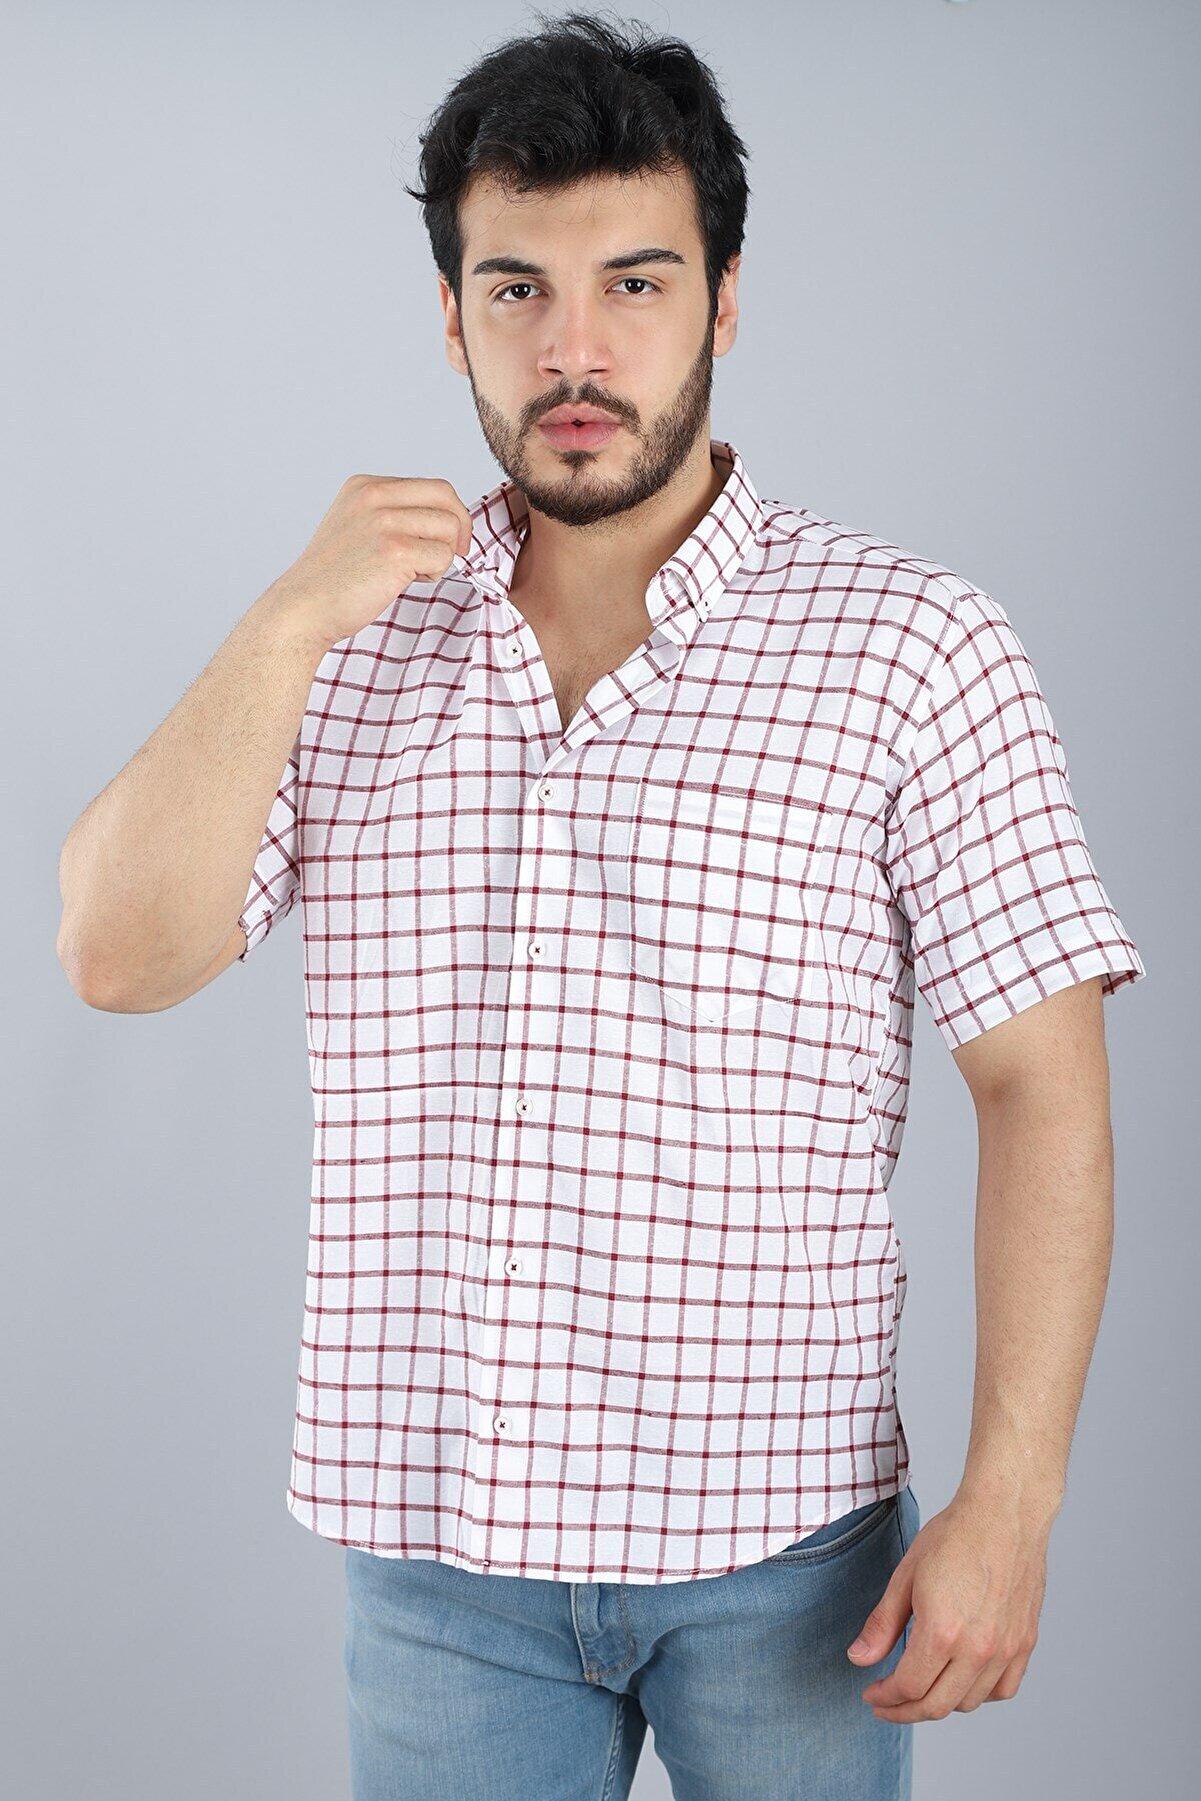 Arlin Erkek Cepli Düğmeli Normal Kalıp Kısa Kollu Beyaz Bordo Kısa Kol Gömlek